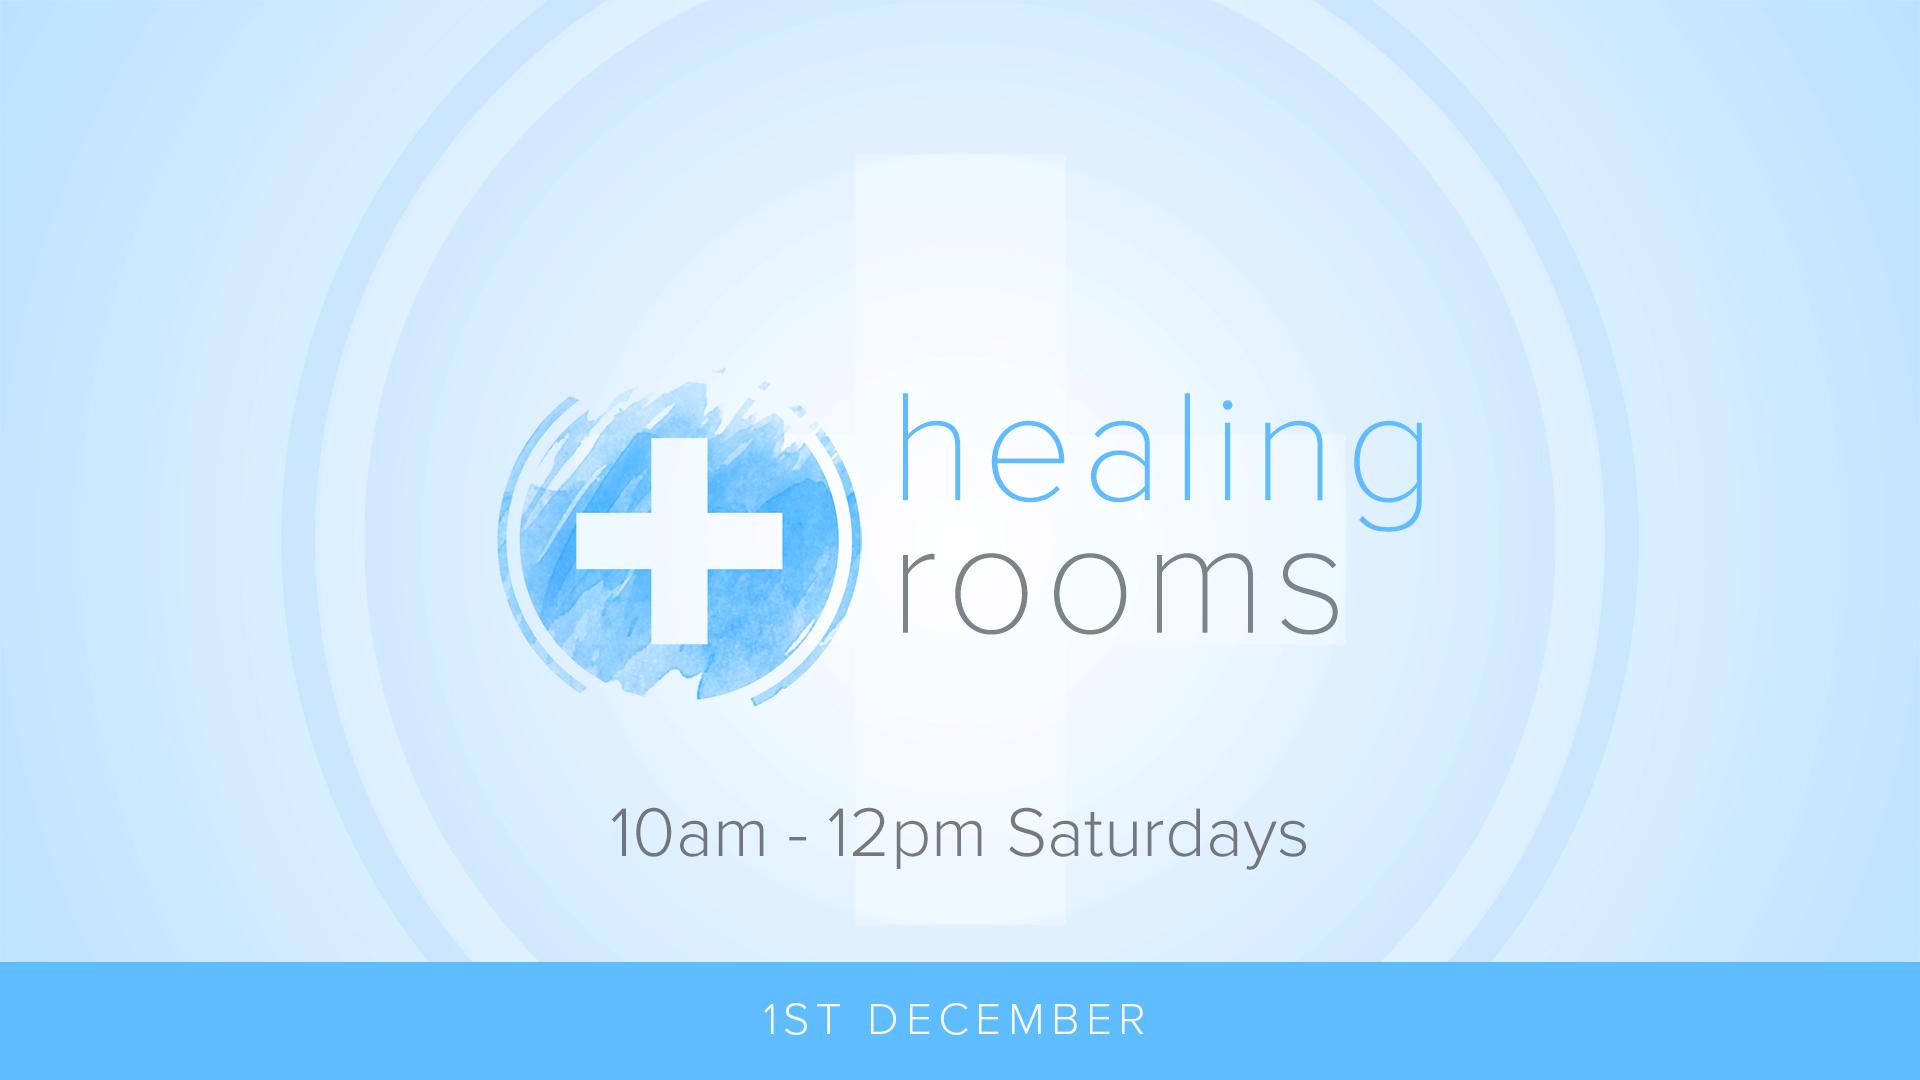 healing-rooms-1920x1080-Dec.JPG